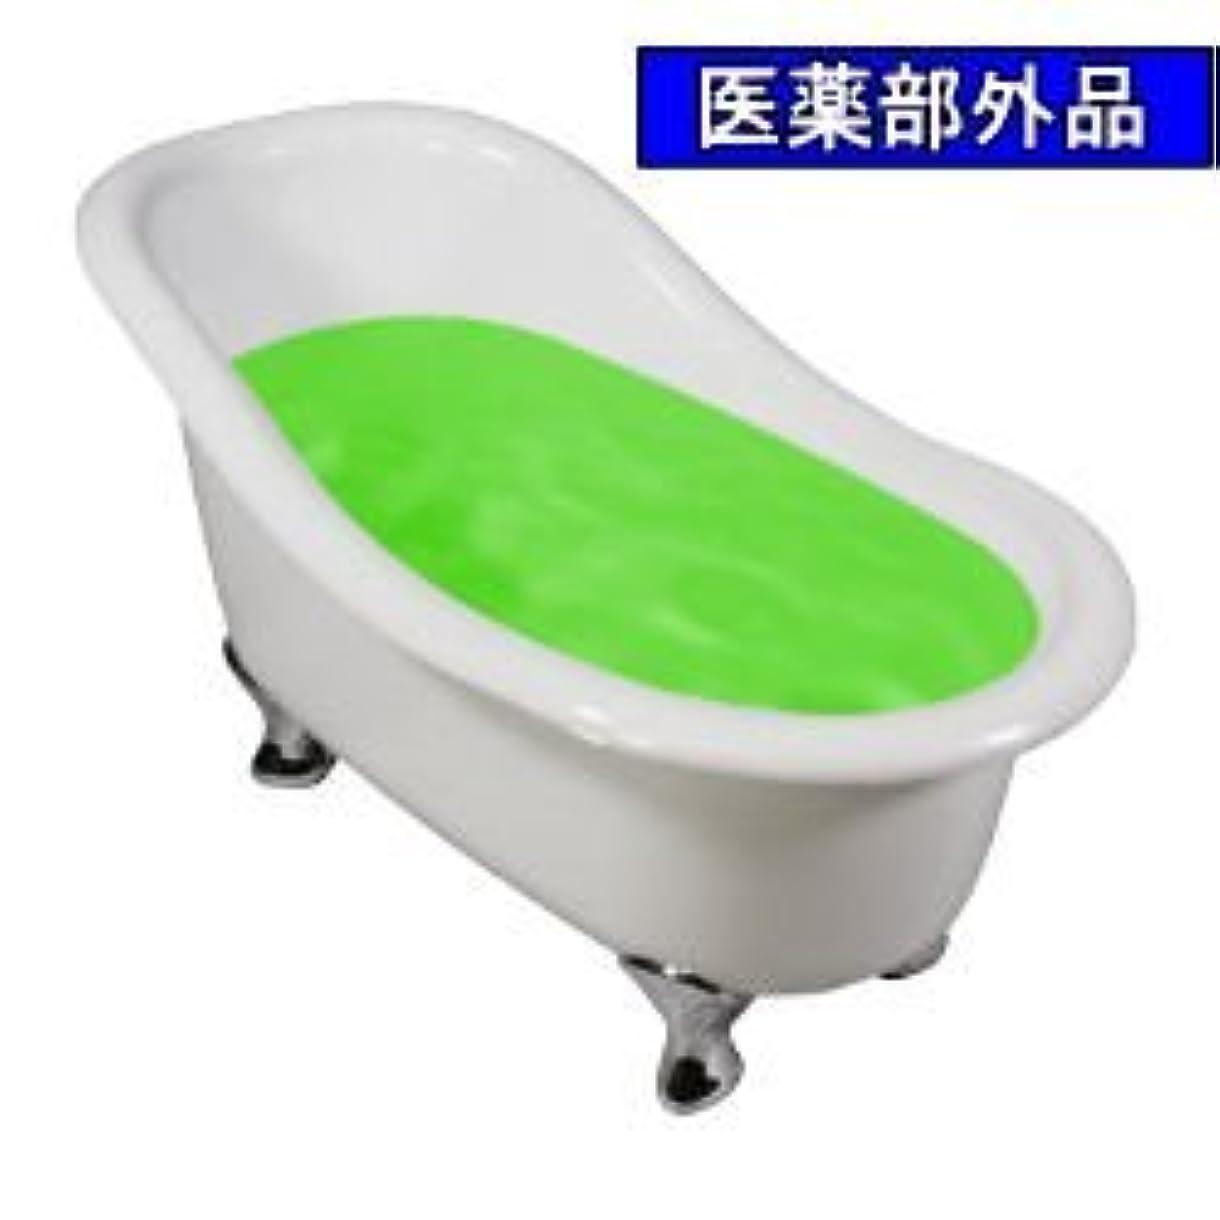 廃止する明るい病気の業務用薬用入浴剤バスフレンド マスカット 17kg 医薬部外品